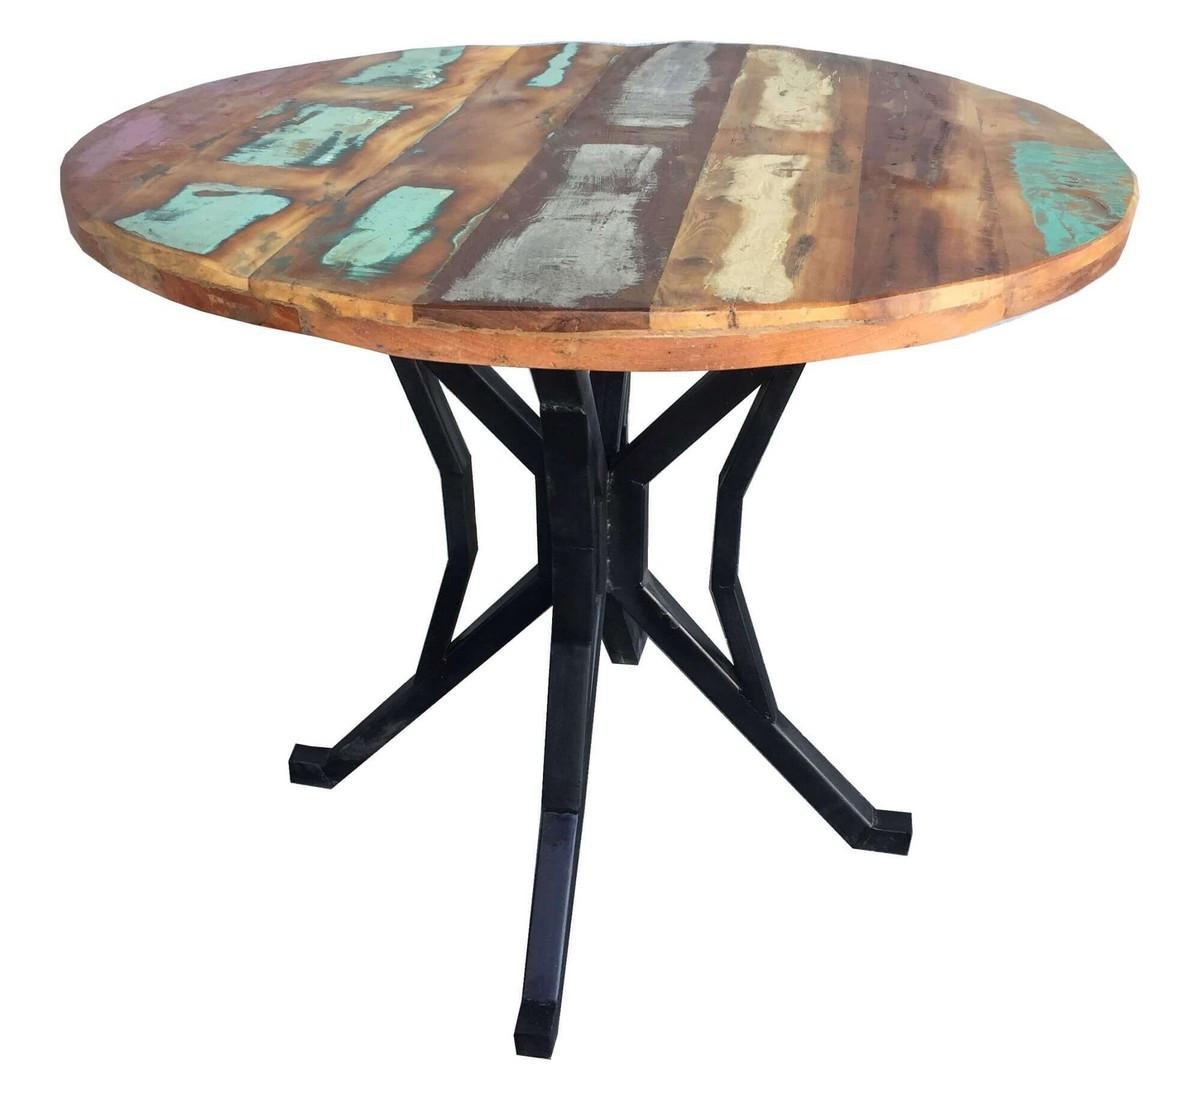 Table repas ronde bois massif recyclé coloré